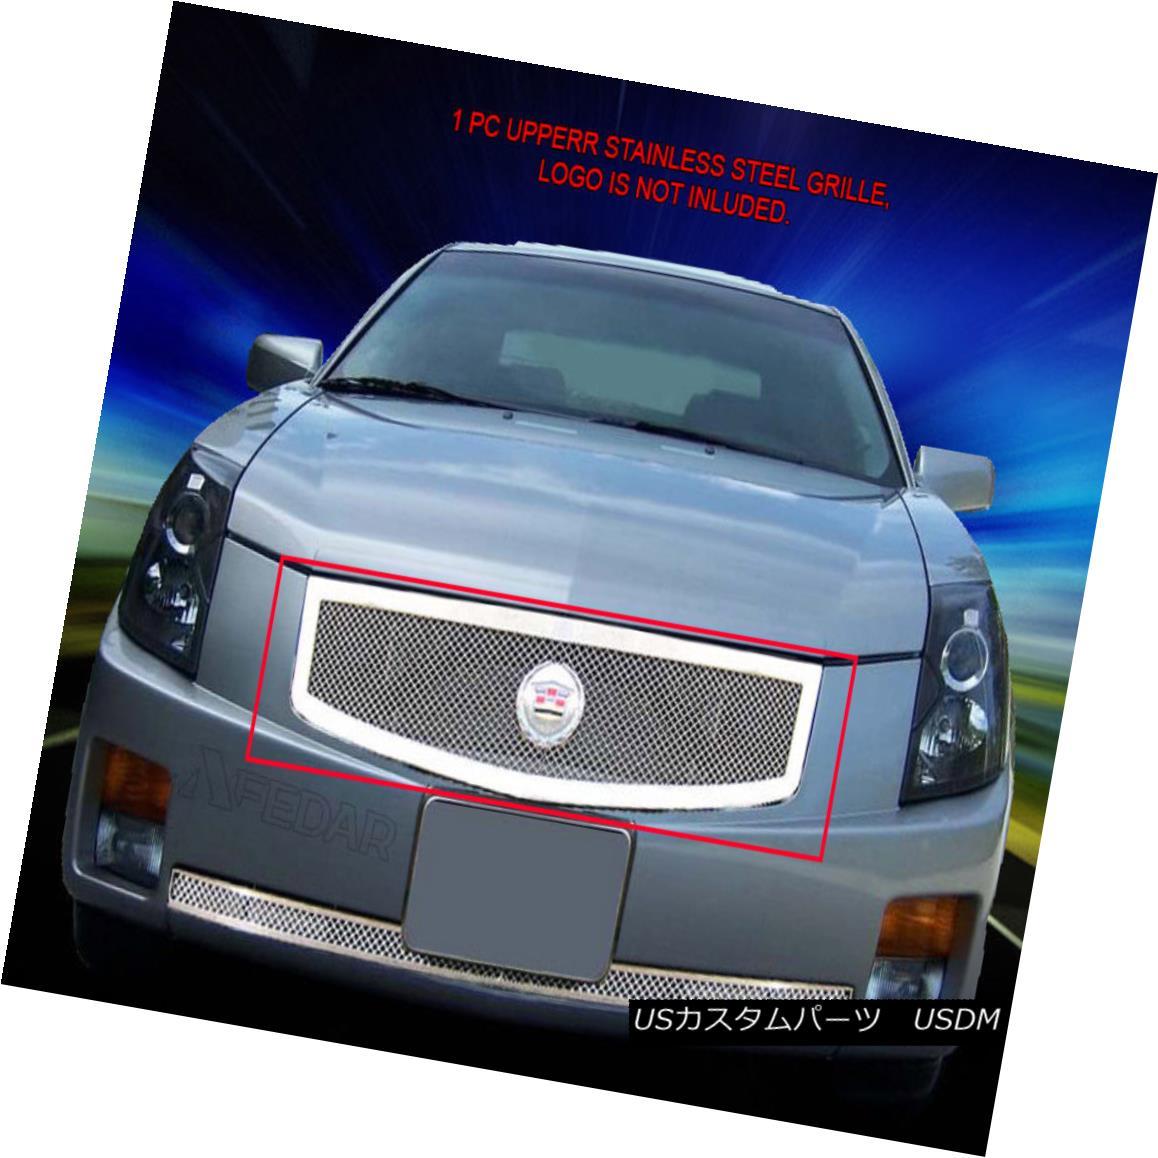 グリル 03-07 Cadillac CTS Stainless Steel Mesh Grille Grill Insert 076M Fedar 03-07キャデラックCTSステンレスメッシュグリルグリルインサート076M Fedar